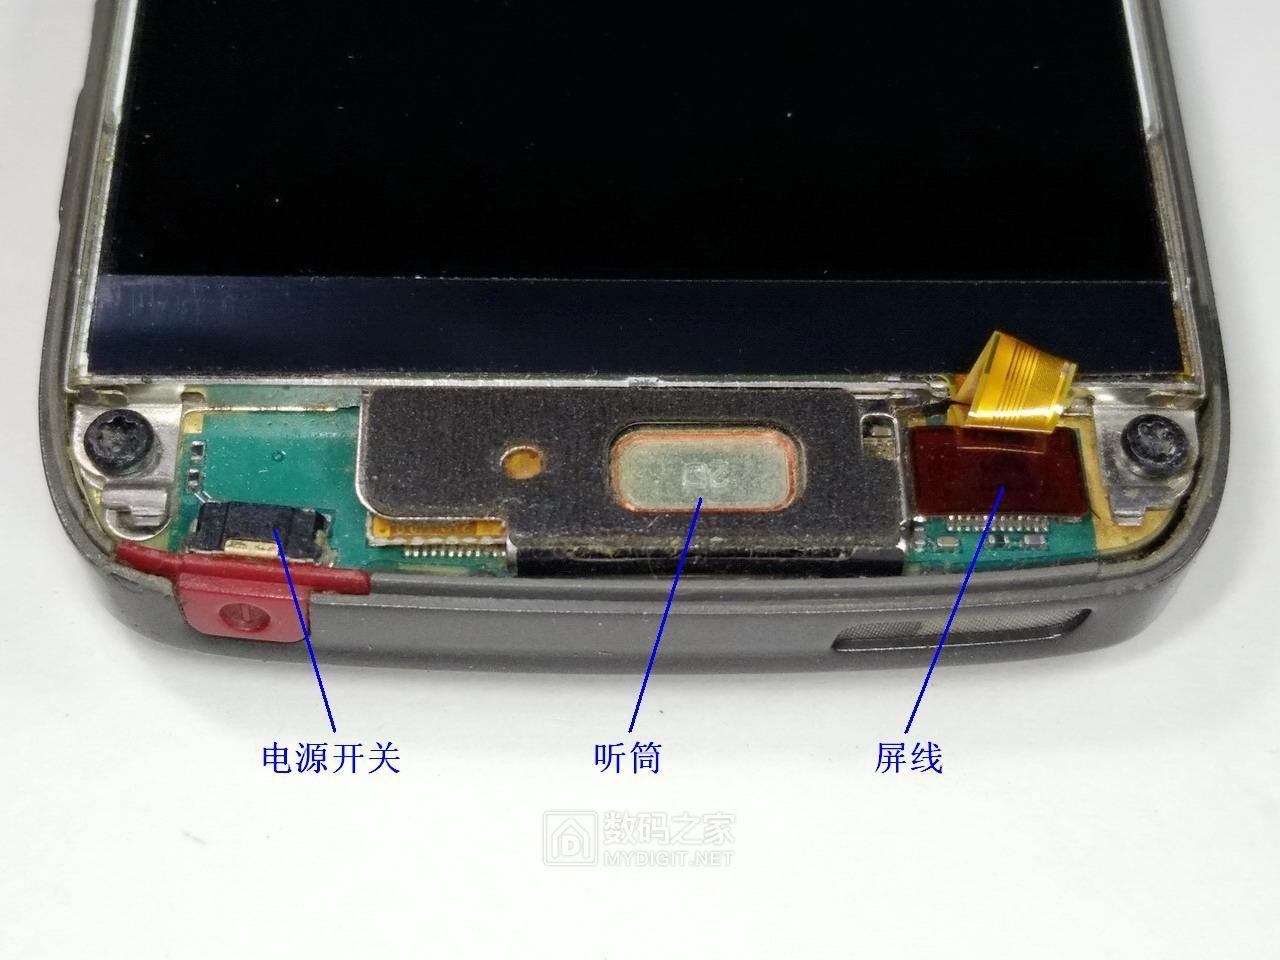 70余图图解诺基亚全键盘旗舰E71,曾经的神机名不虚传